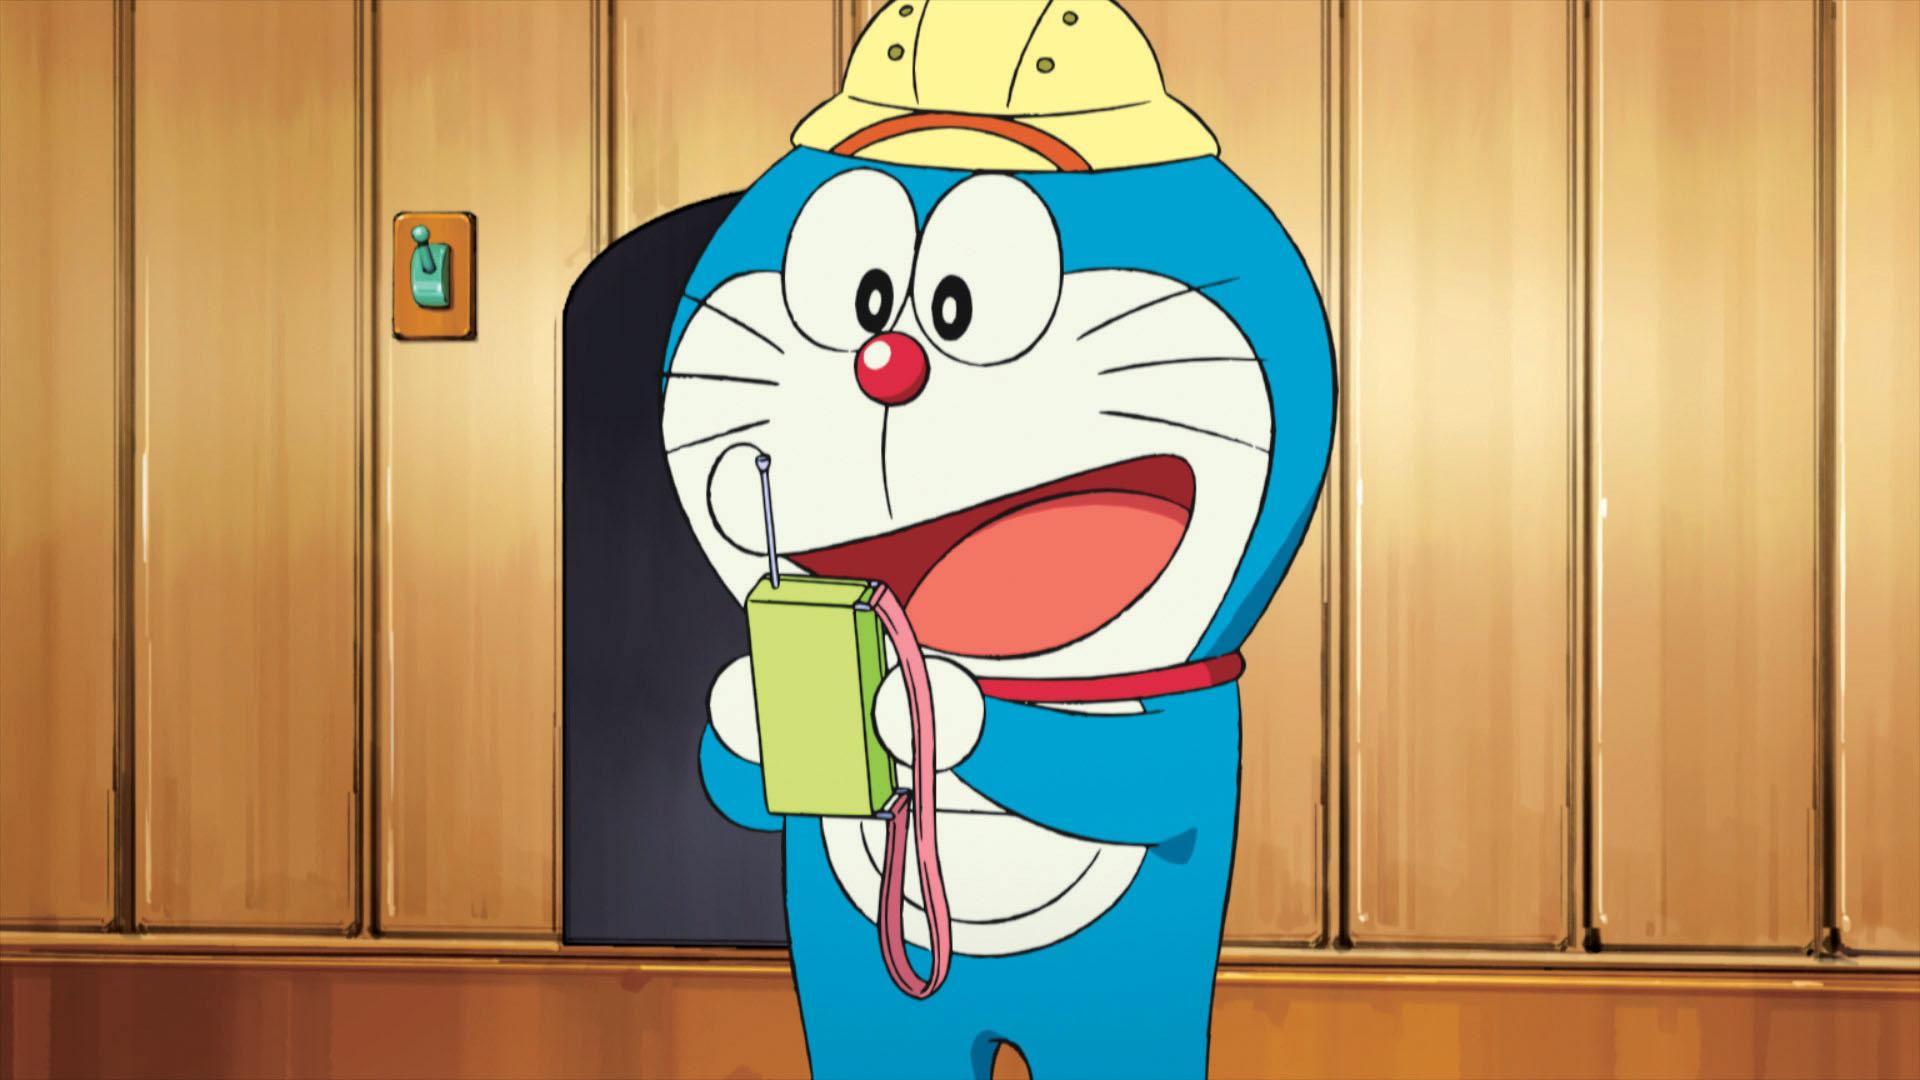 Doraemon Il Film - Le Avventure di Nobita e dei Cinque Esploratori: Doraemon in una scena del film animato